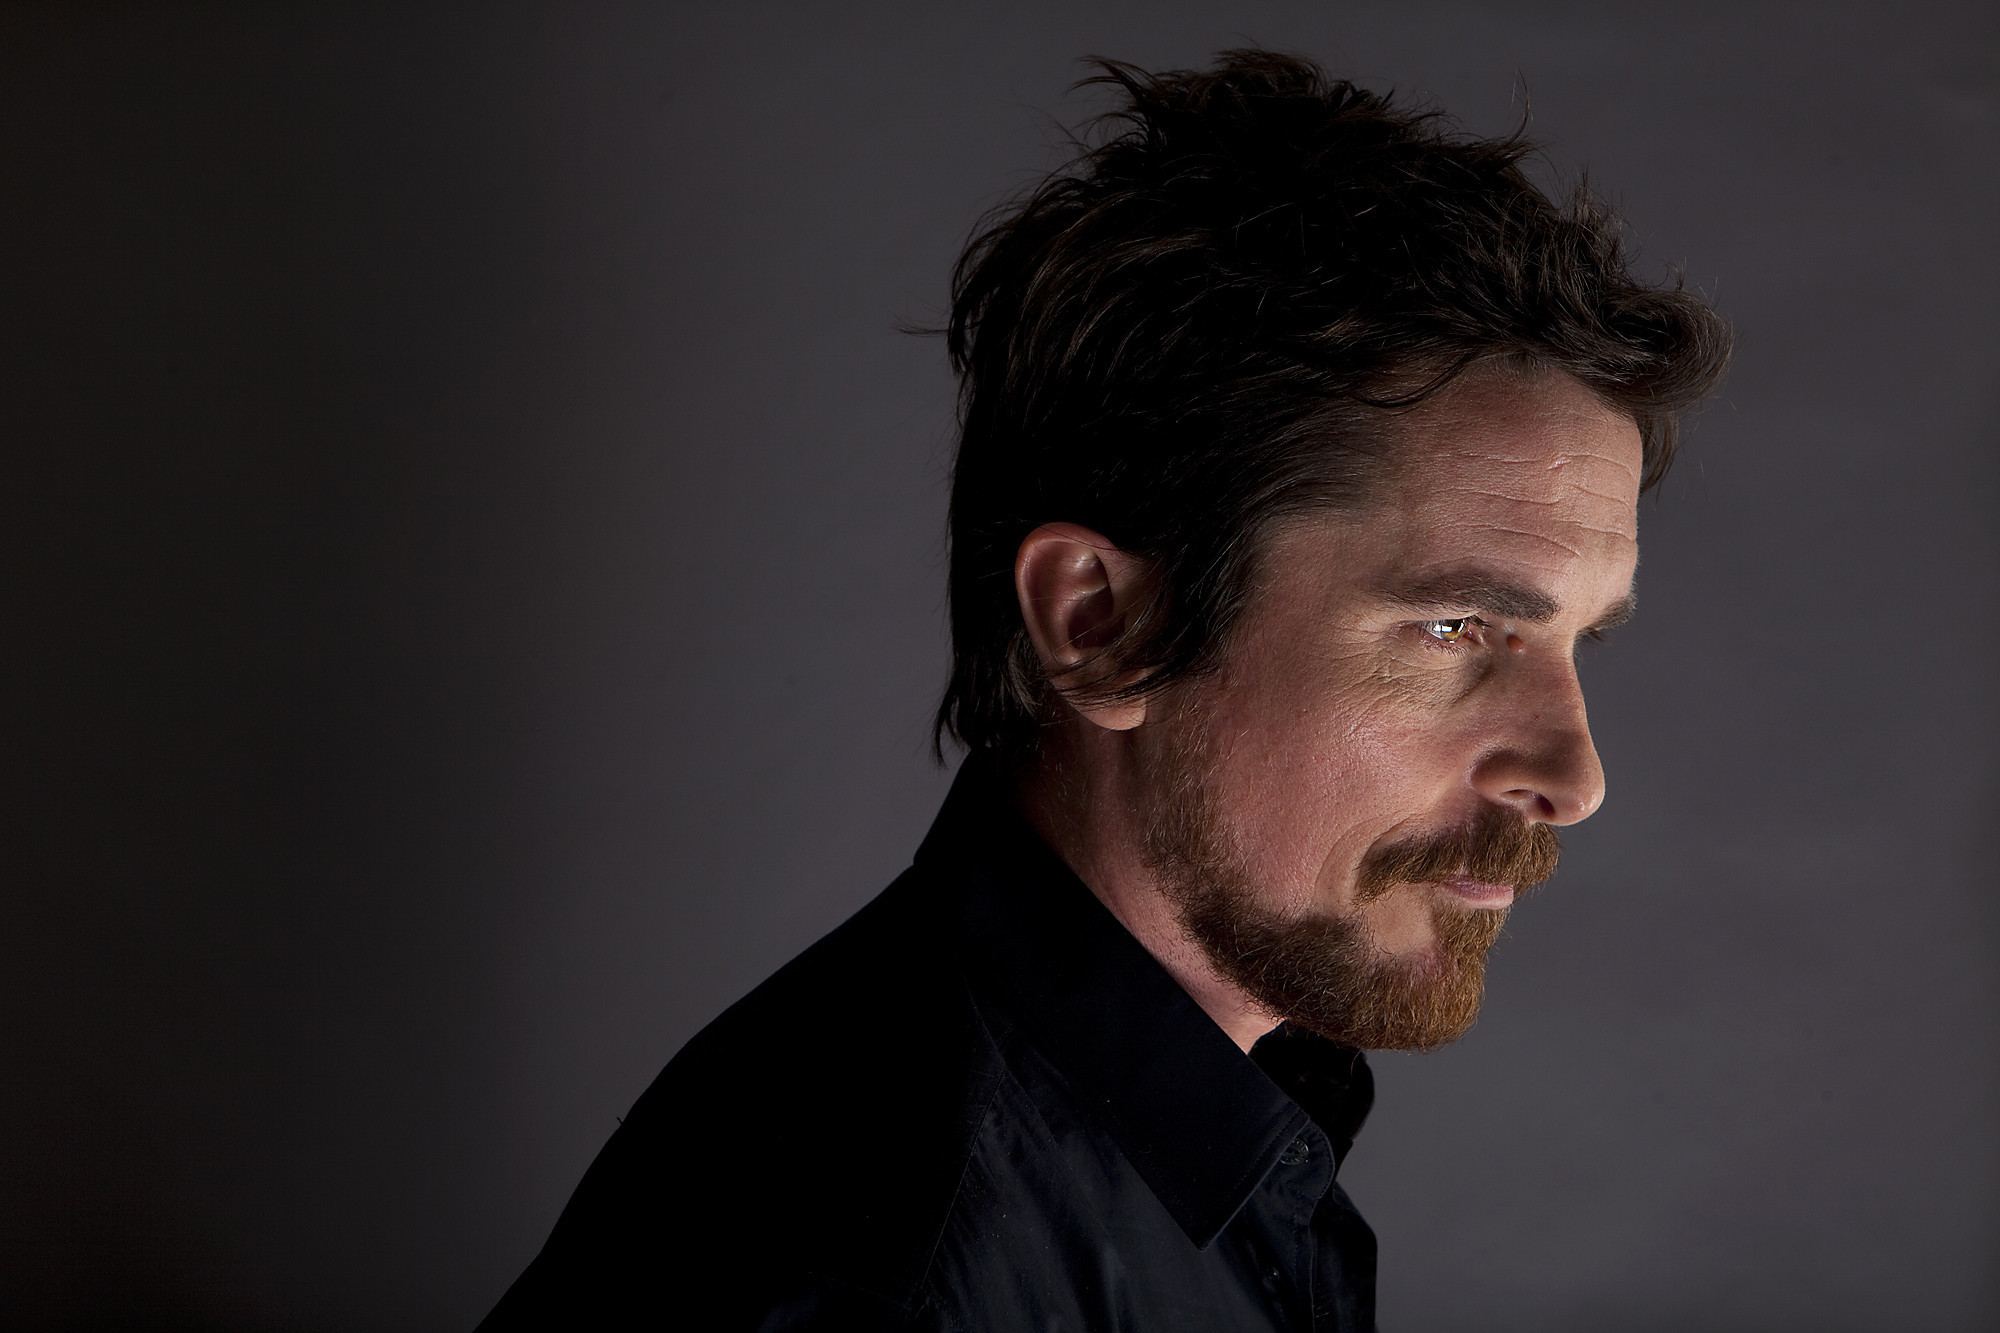 Oscars 2014 Best Actor